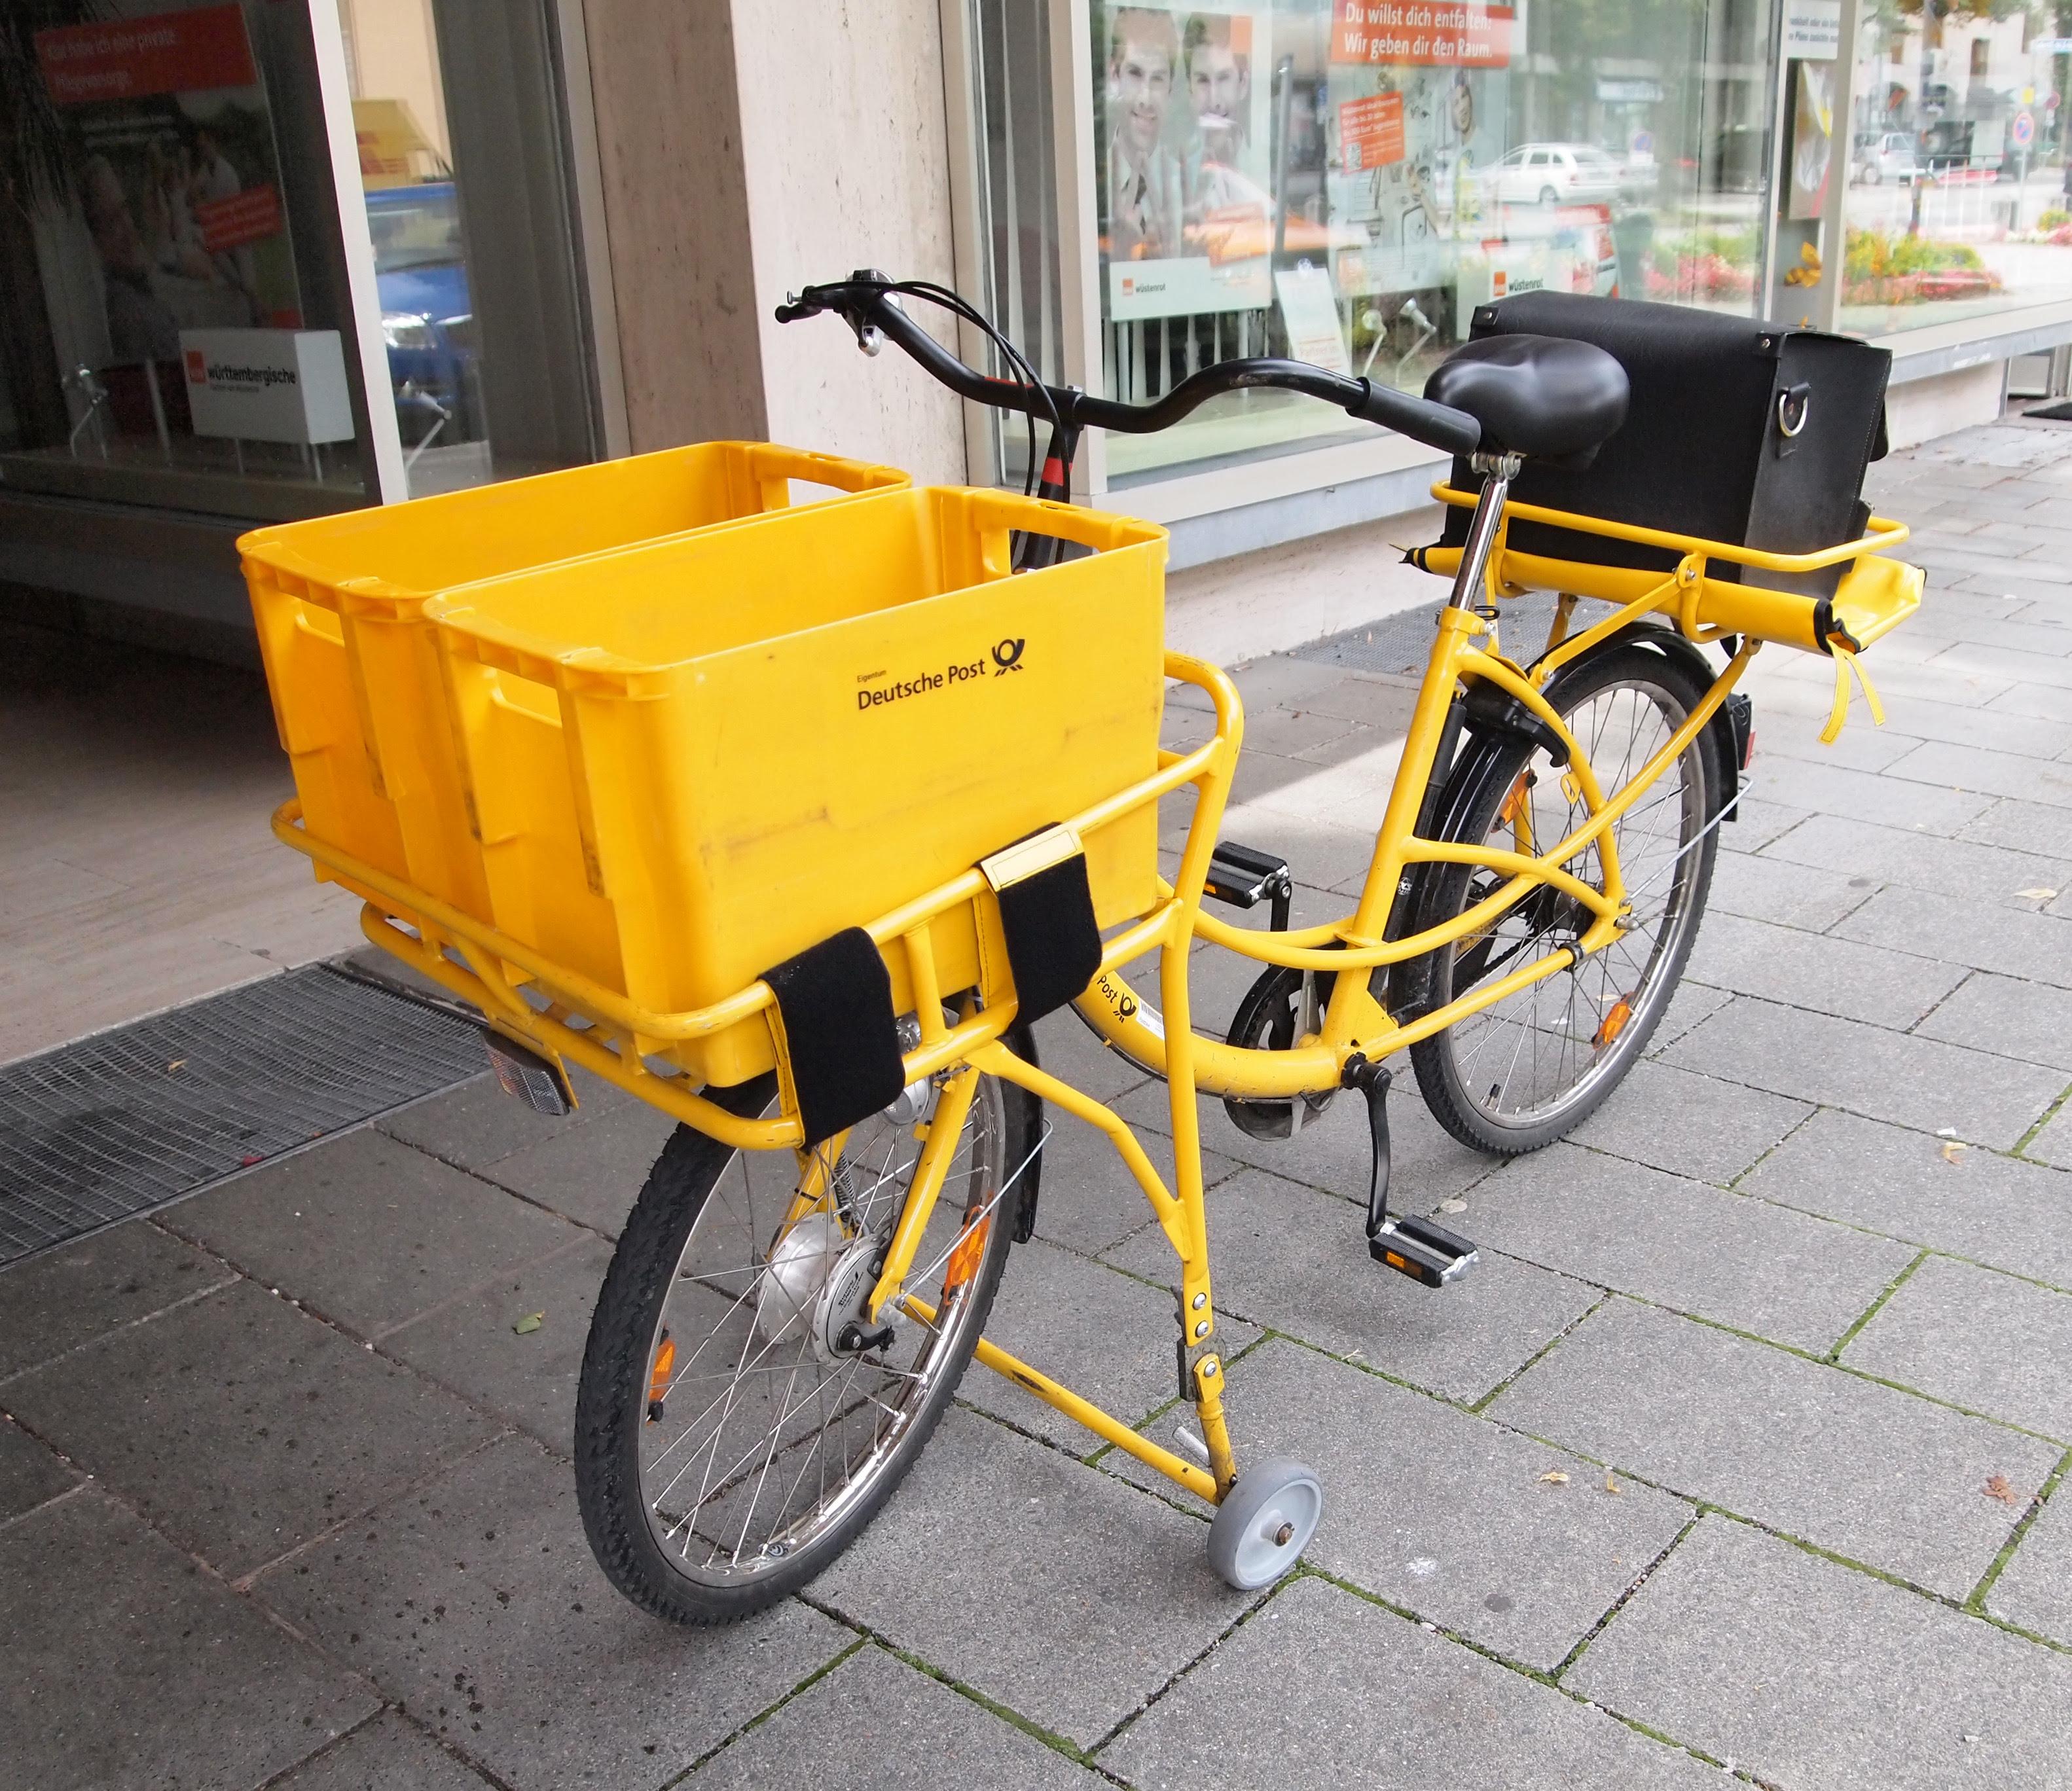 Description Deutsche Post bicycle.jpg